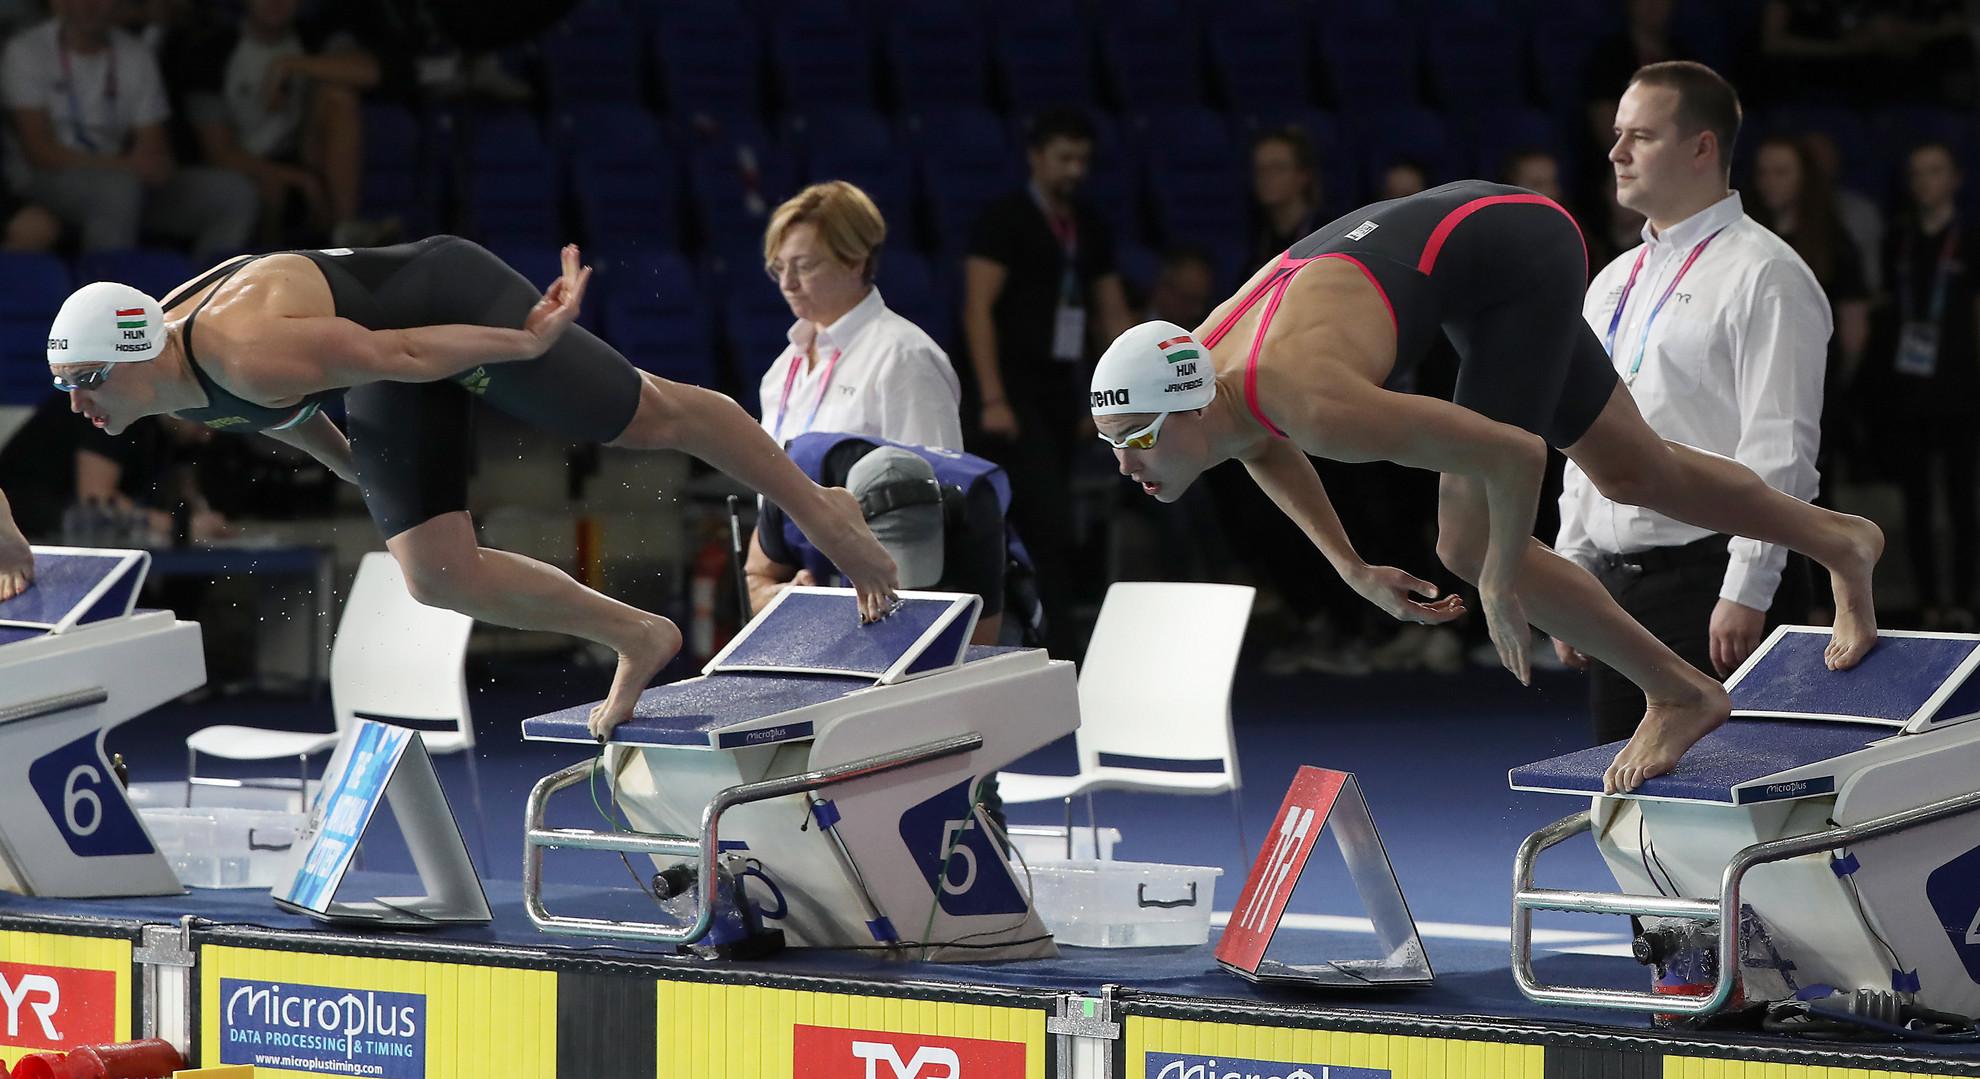 A későbbi győztes Hosszú Katinka (b) és a harmadik helyezett Jakabos Zsuzsanna rajtol a 200 méteres pillangóúszás döntőjében a glasgow-i rövidpályás úszó Európa-bajnokságon 2019. december 6-án